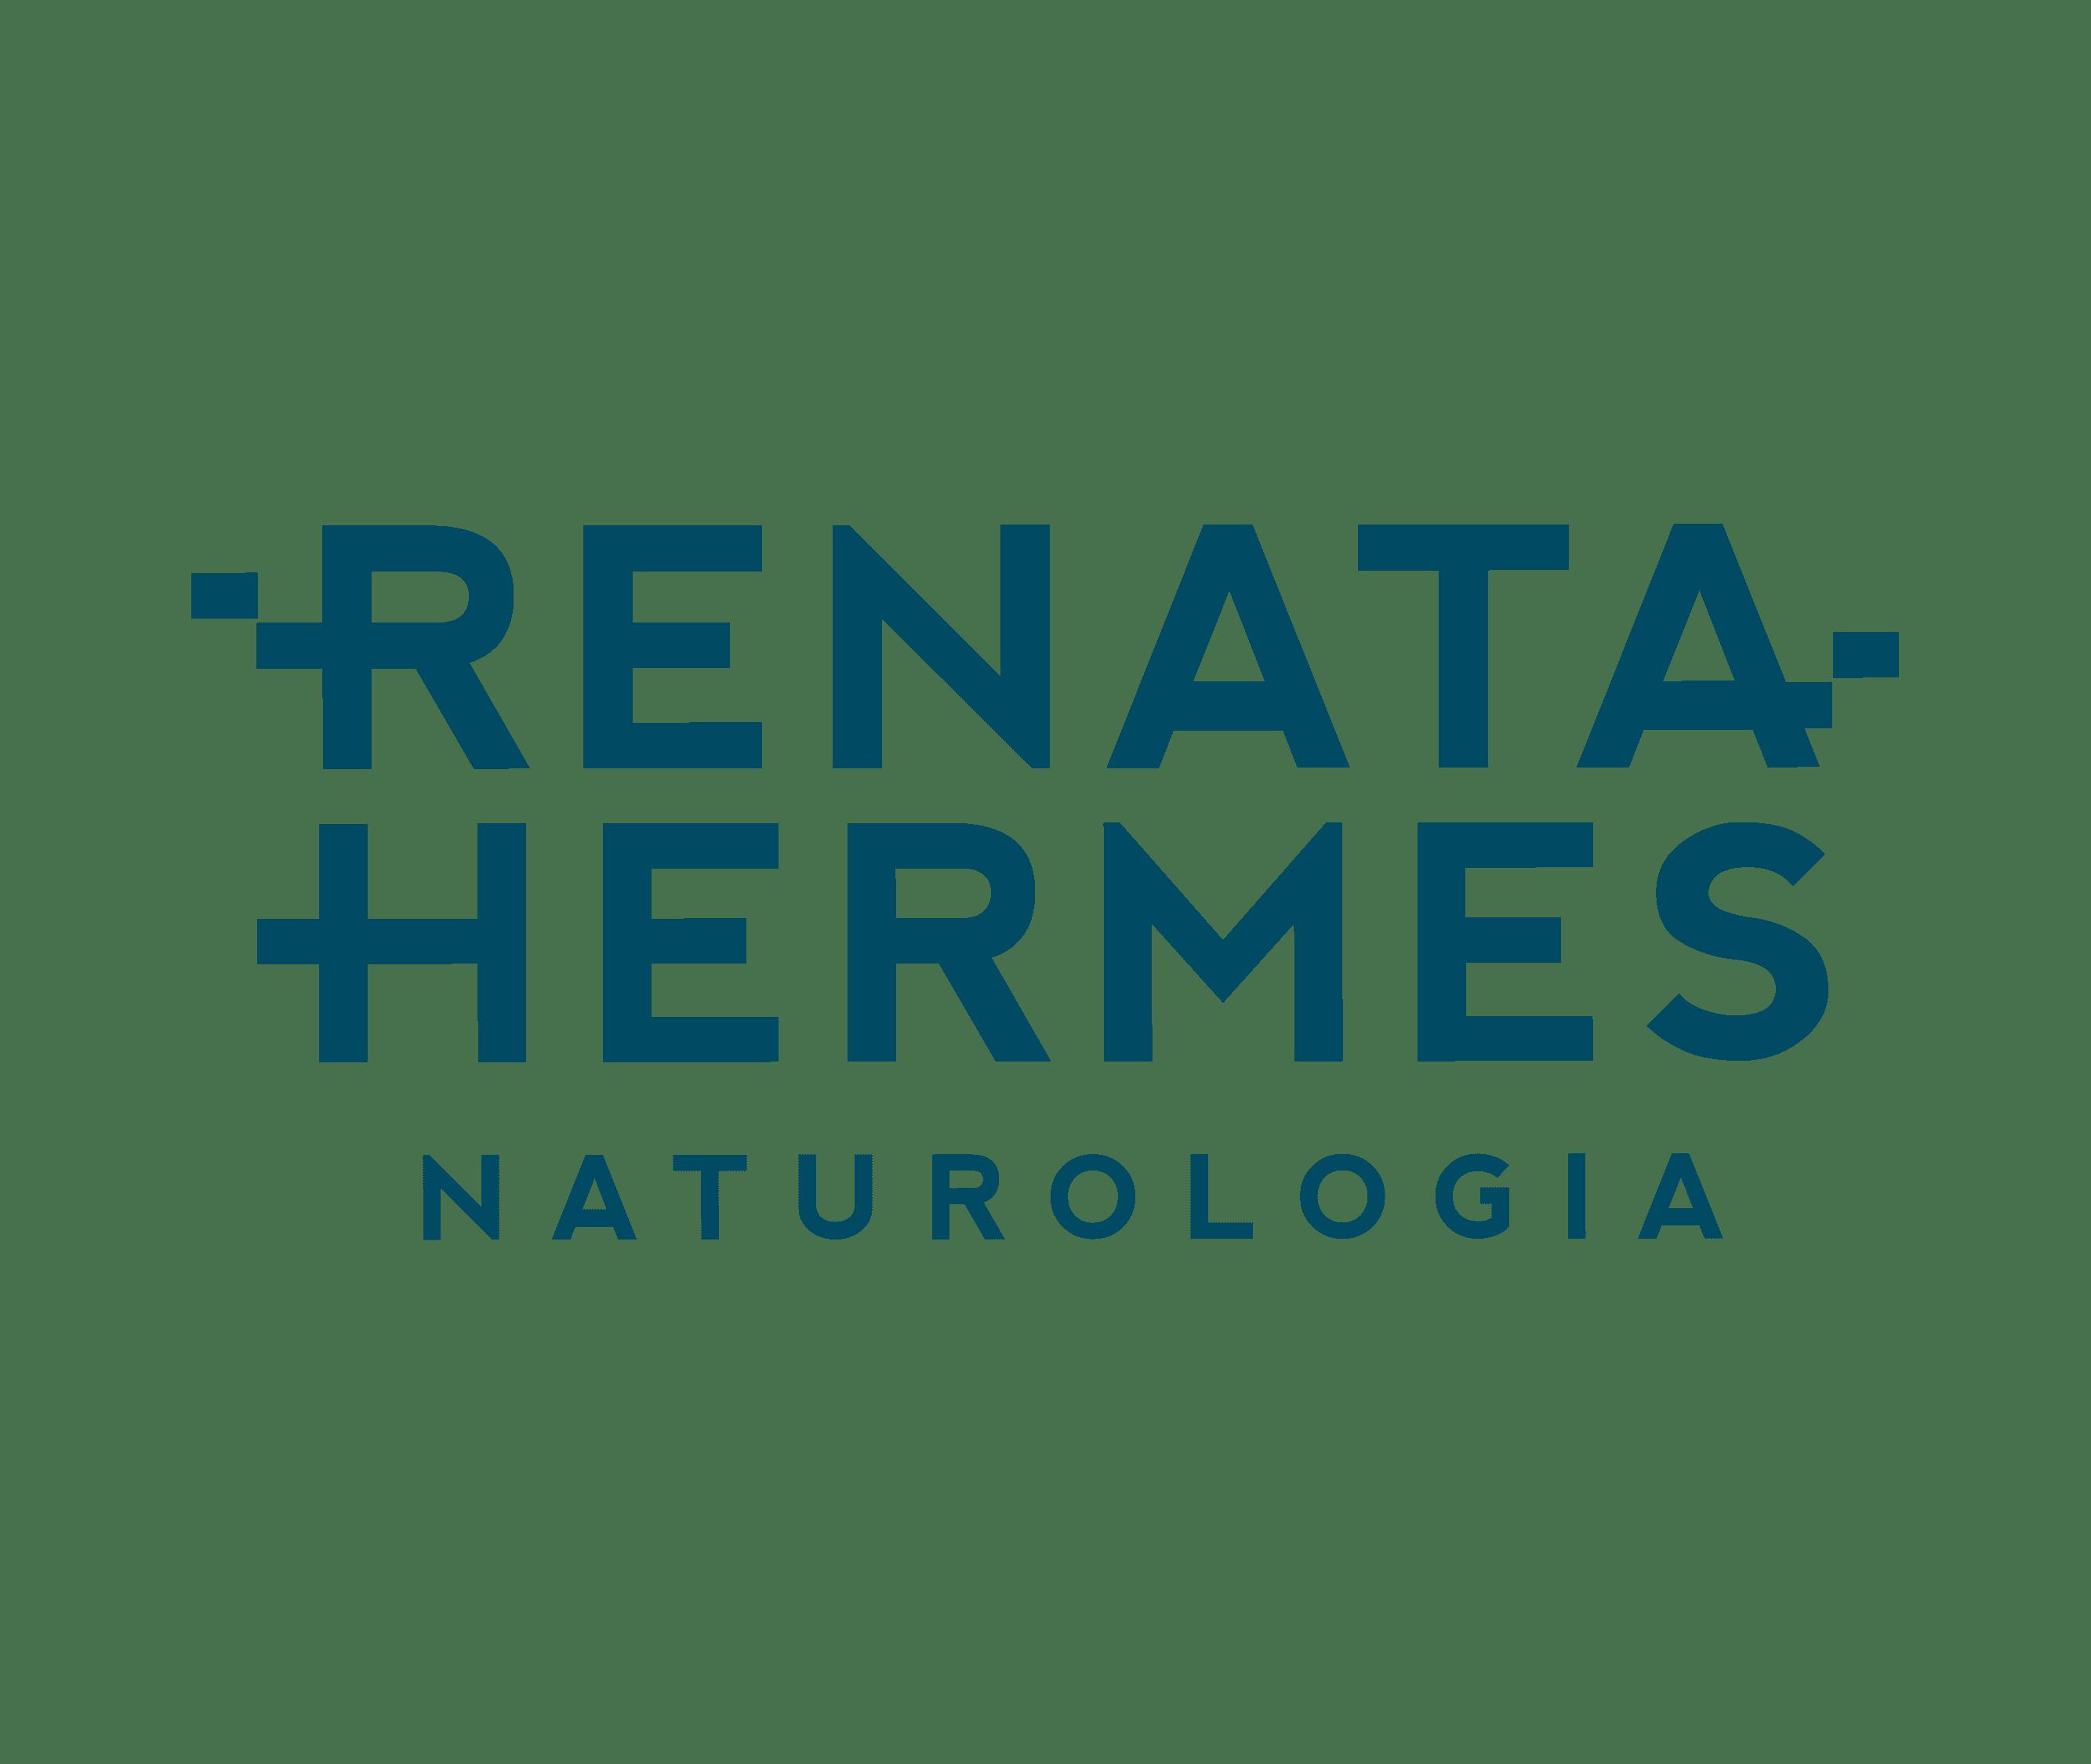 Renata Hermes